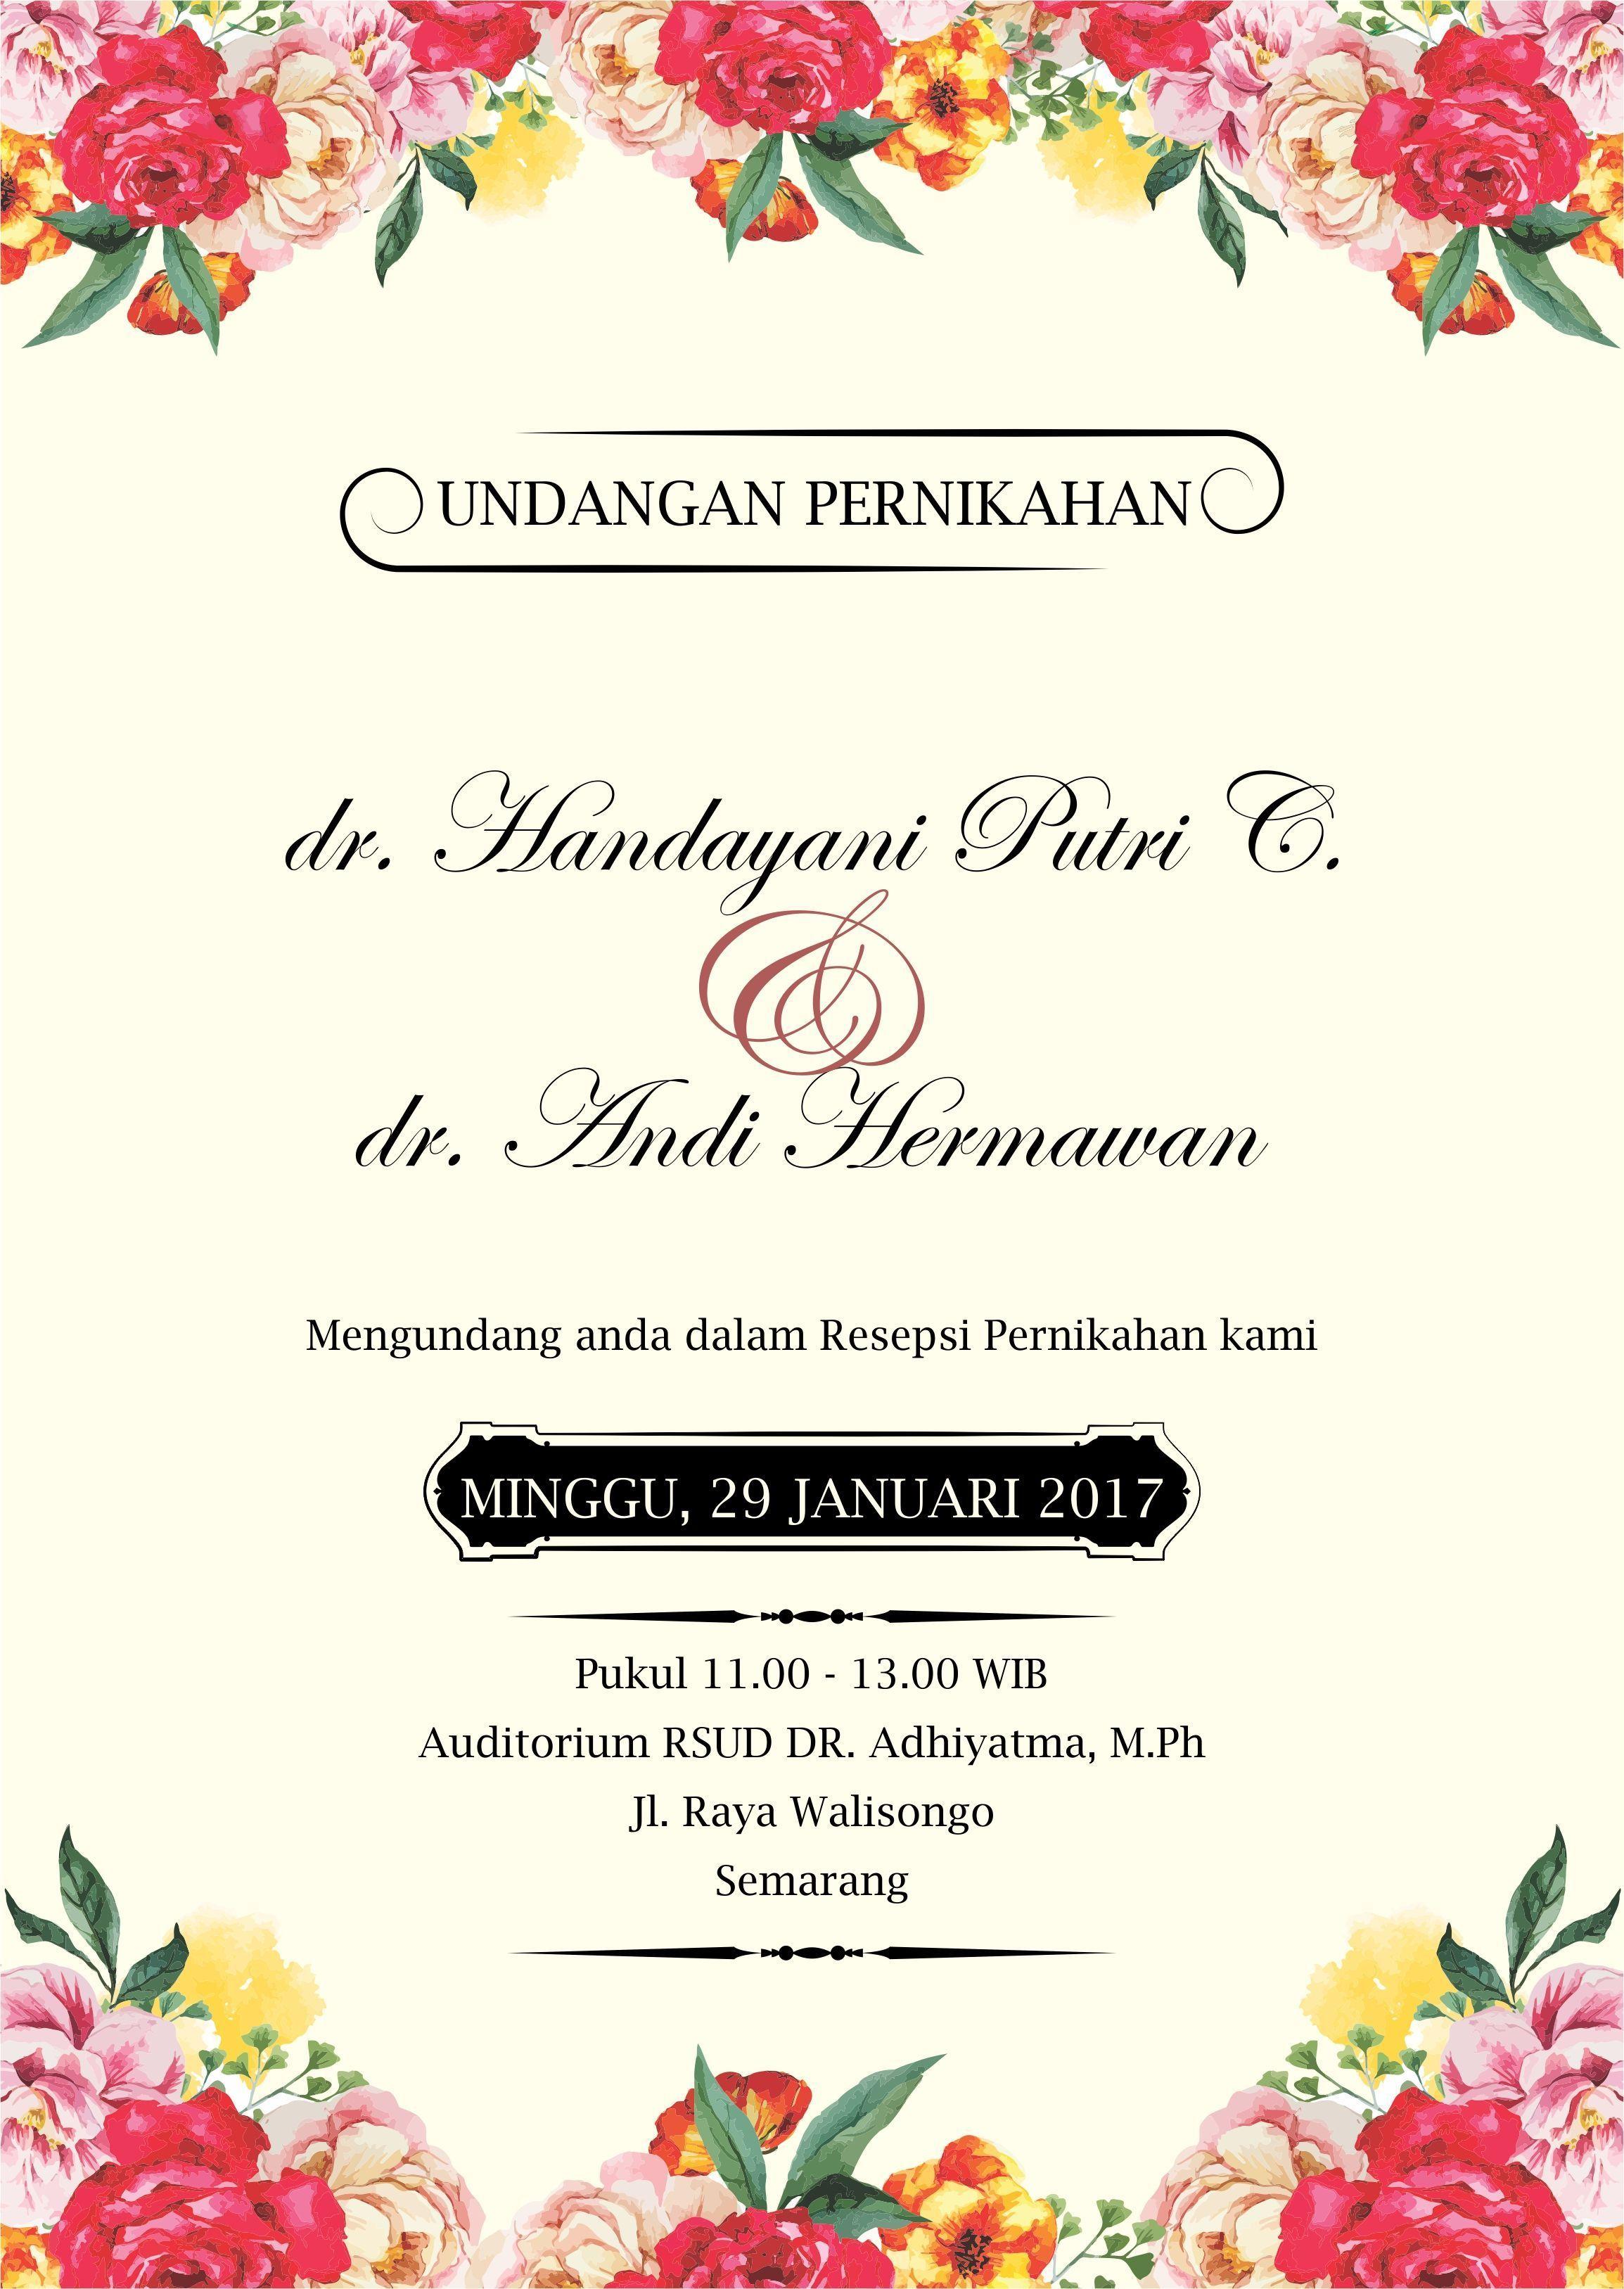 Pin Oleh Solihul Amali Di Wedding Invitations Di 2020 Pernikahan Bunga Kartu Pernikahan Contoh Undangan Pernikahan